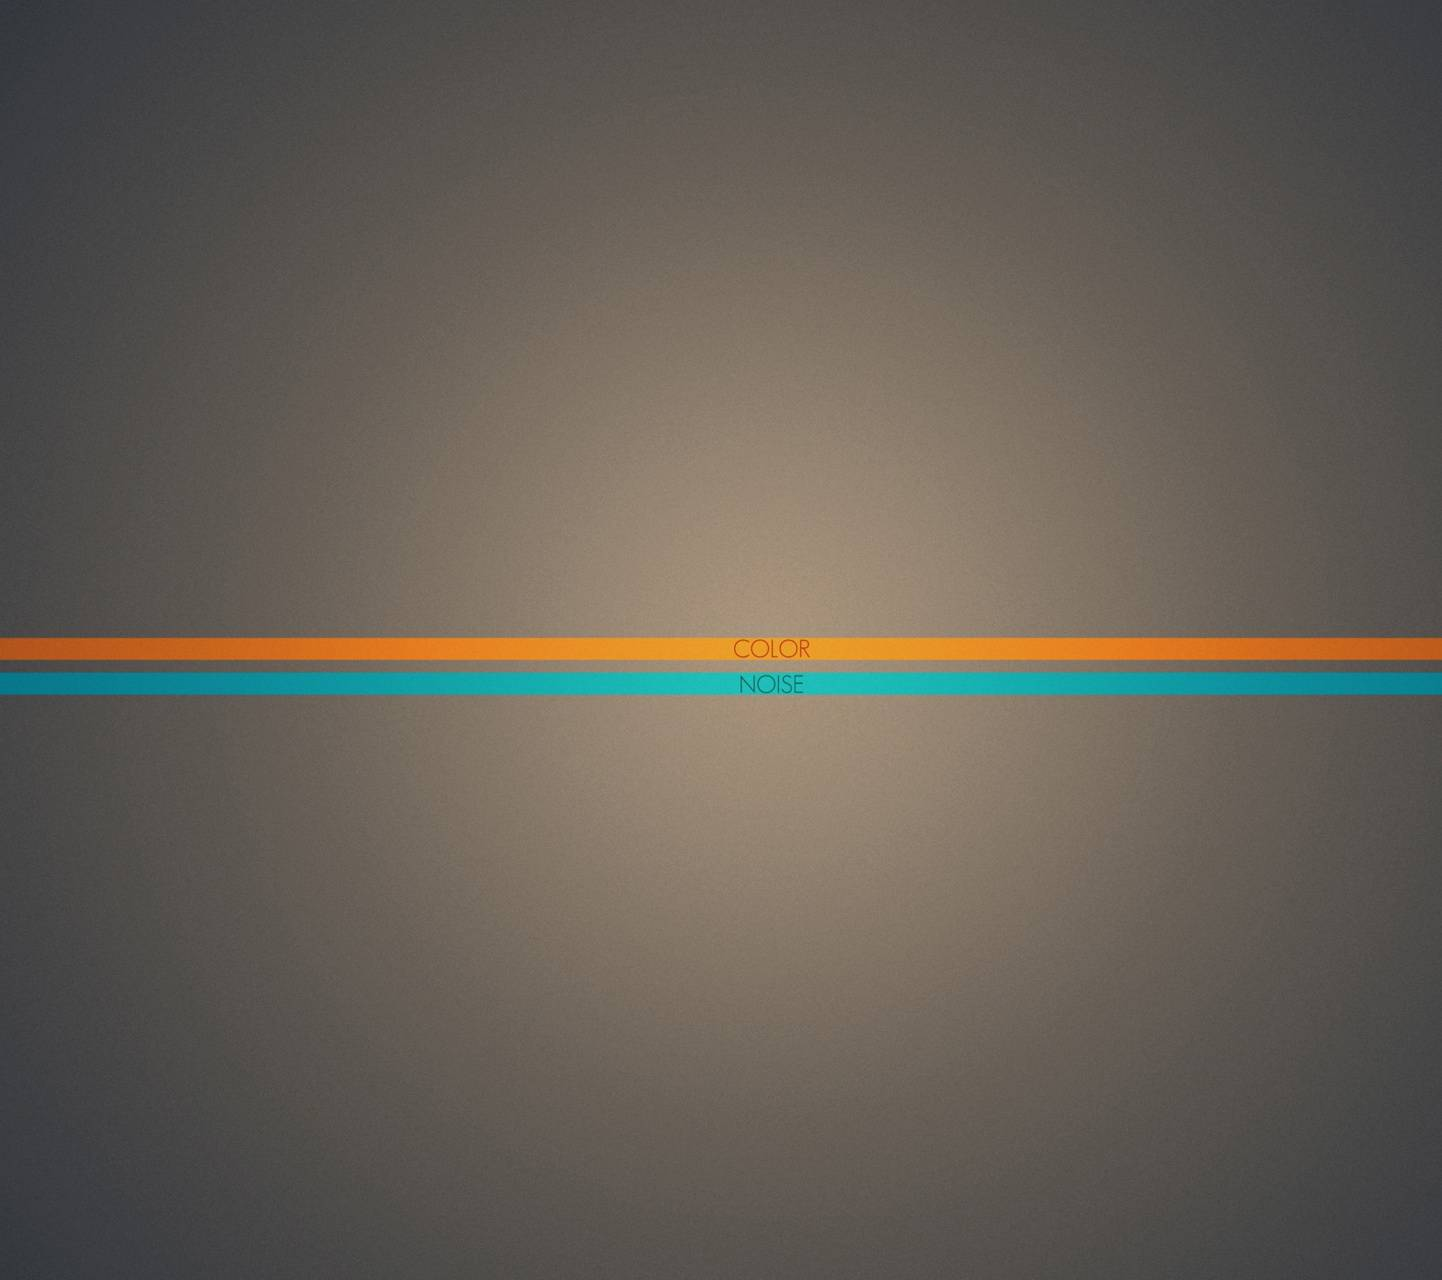 S5 color noise